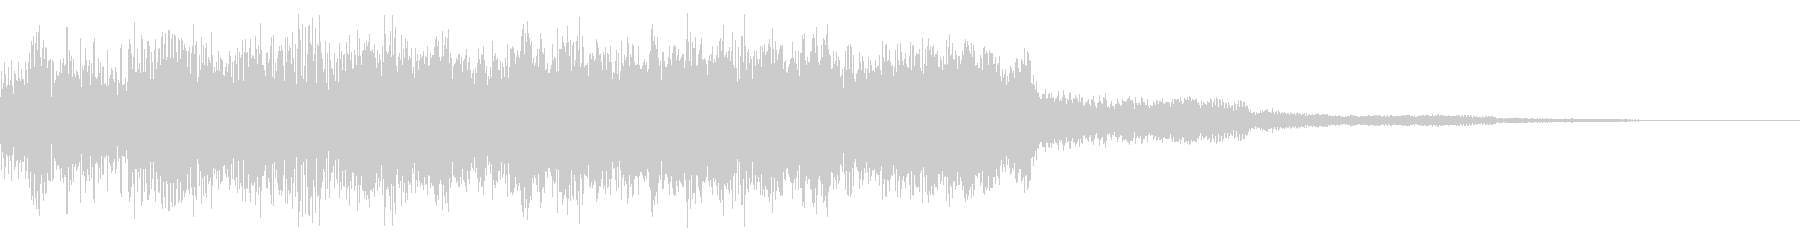 レトロなスタージクリア音 目標達成 完了の未再生の波形